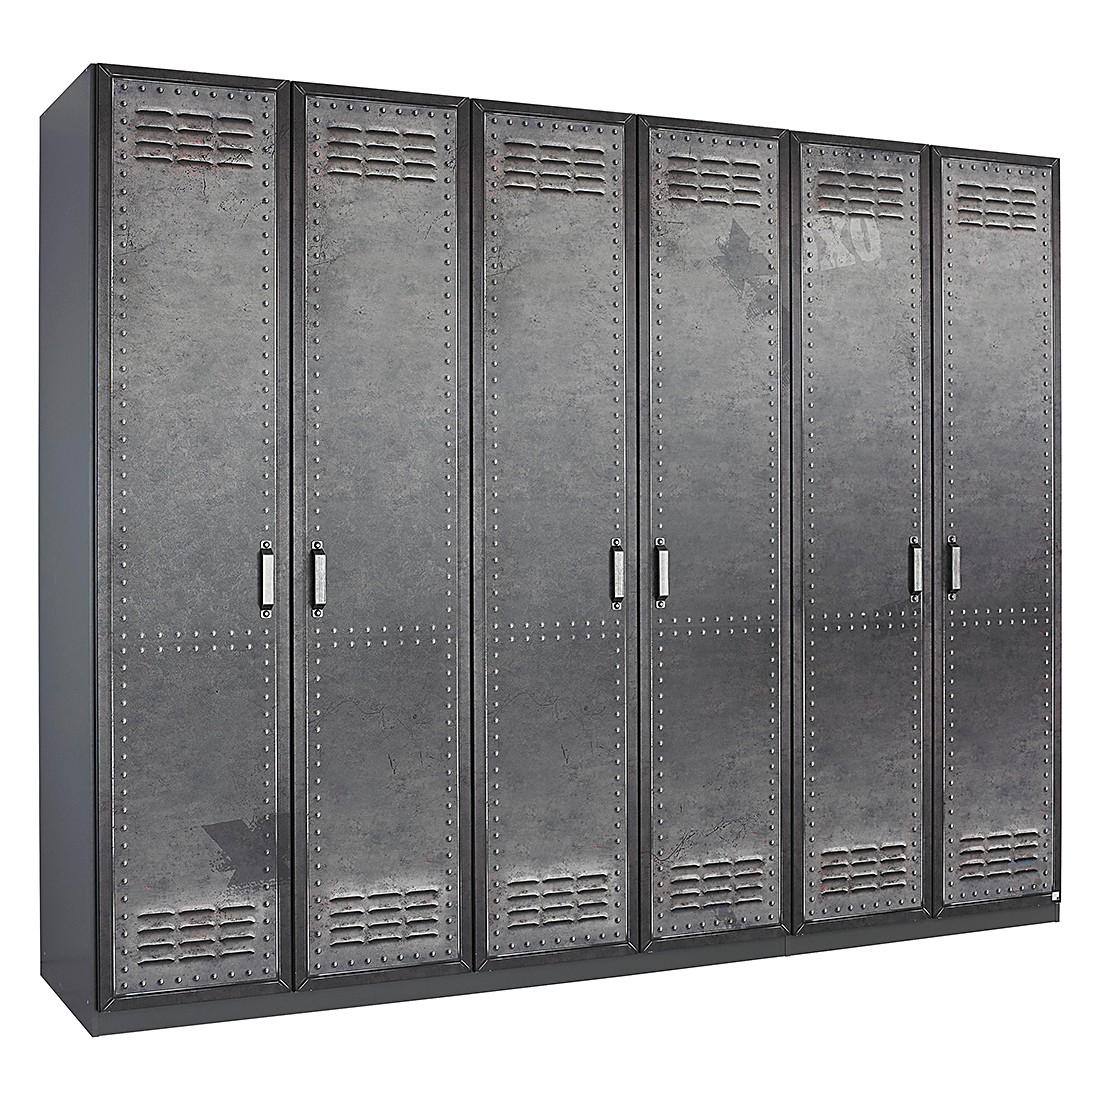 goedkoop Draaideurkast Workbase industrial print look grafietkleurig 225cm 5 deurs Rauch Select